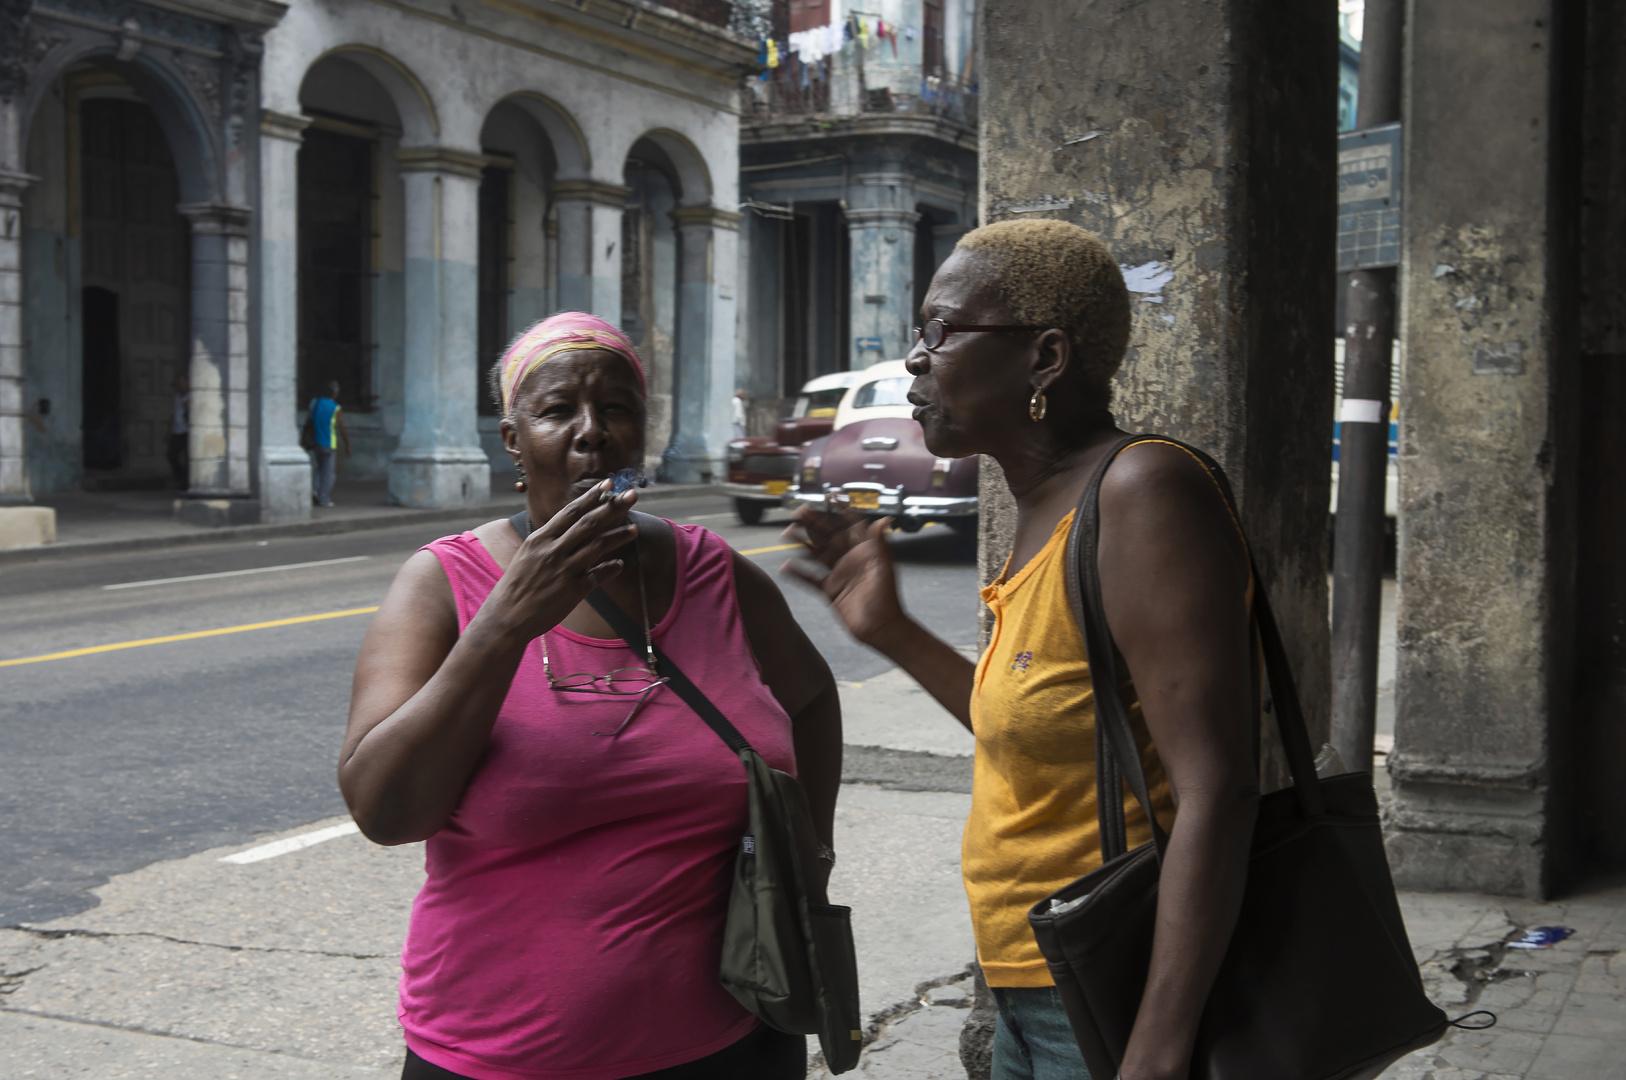 la gente en la calle no.8